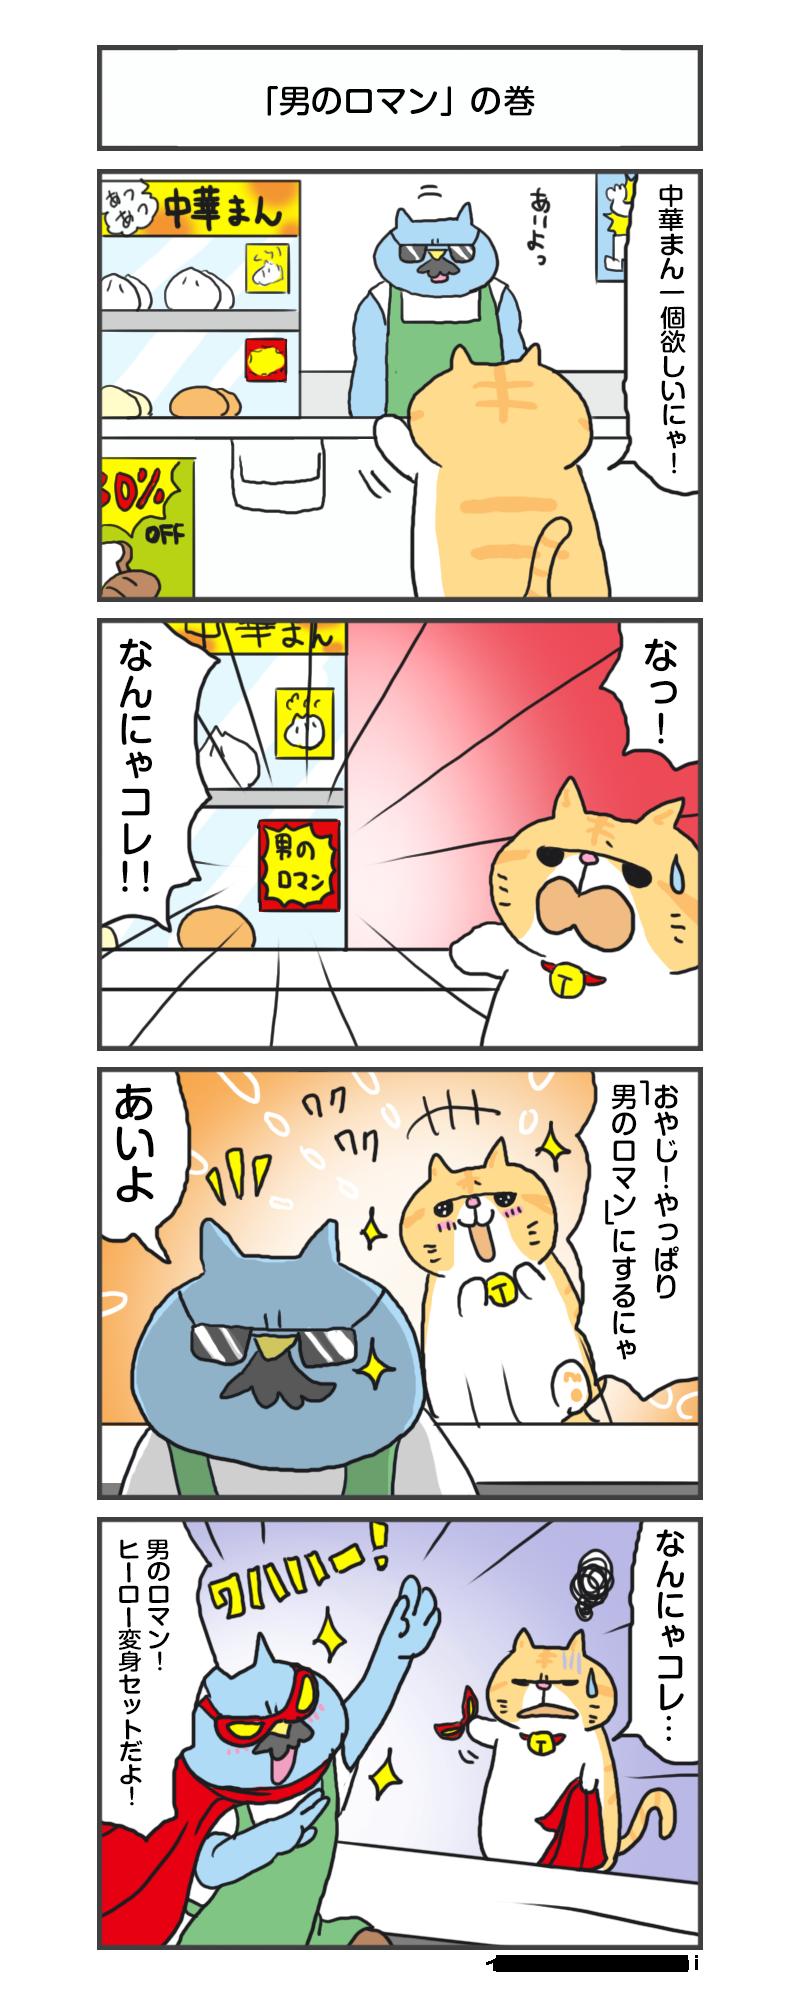 縺医″縺昴y縺・anga_vol.221